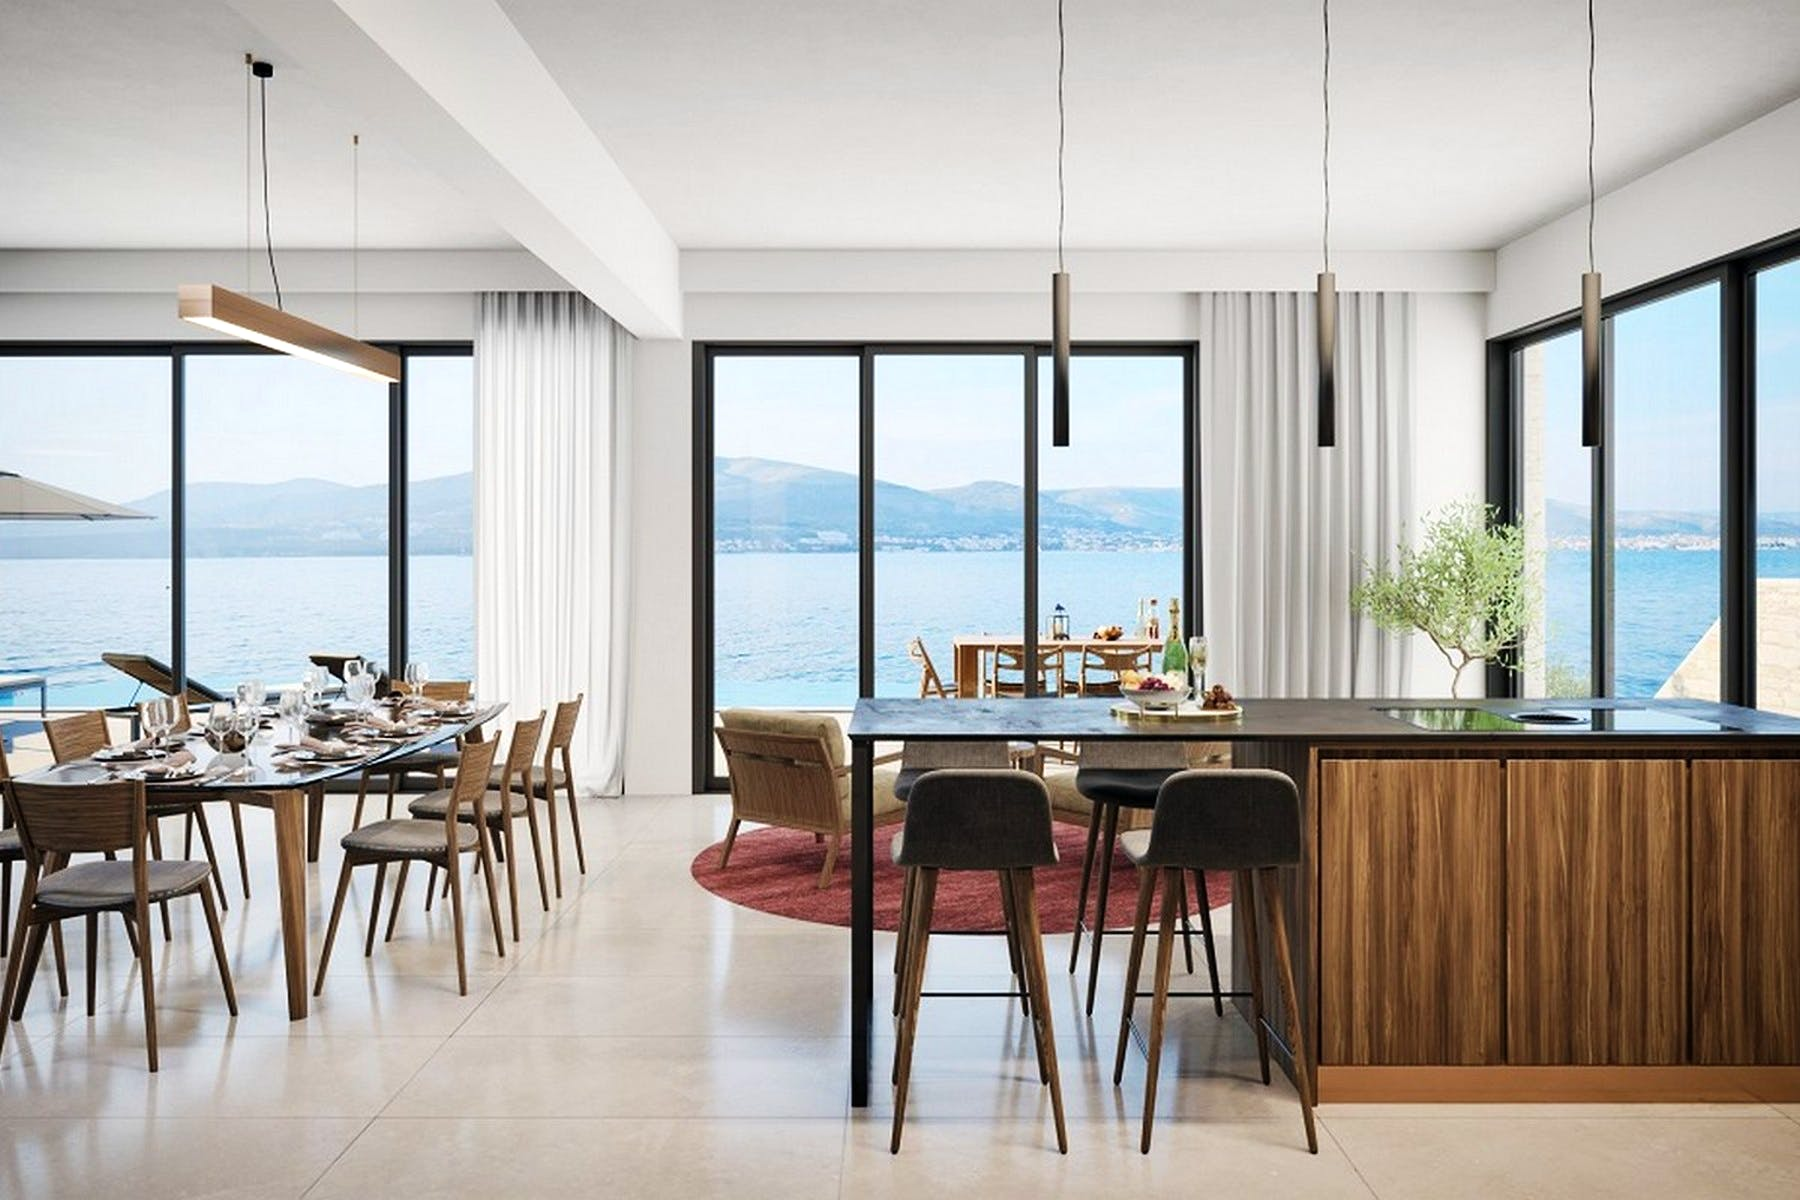 Kuhinja i blagovaonica s otvorenim pogledom na more